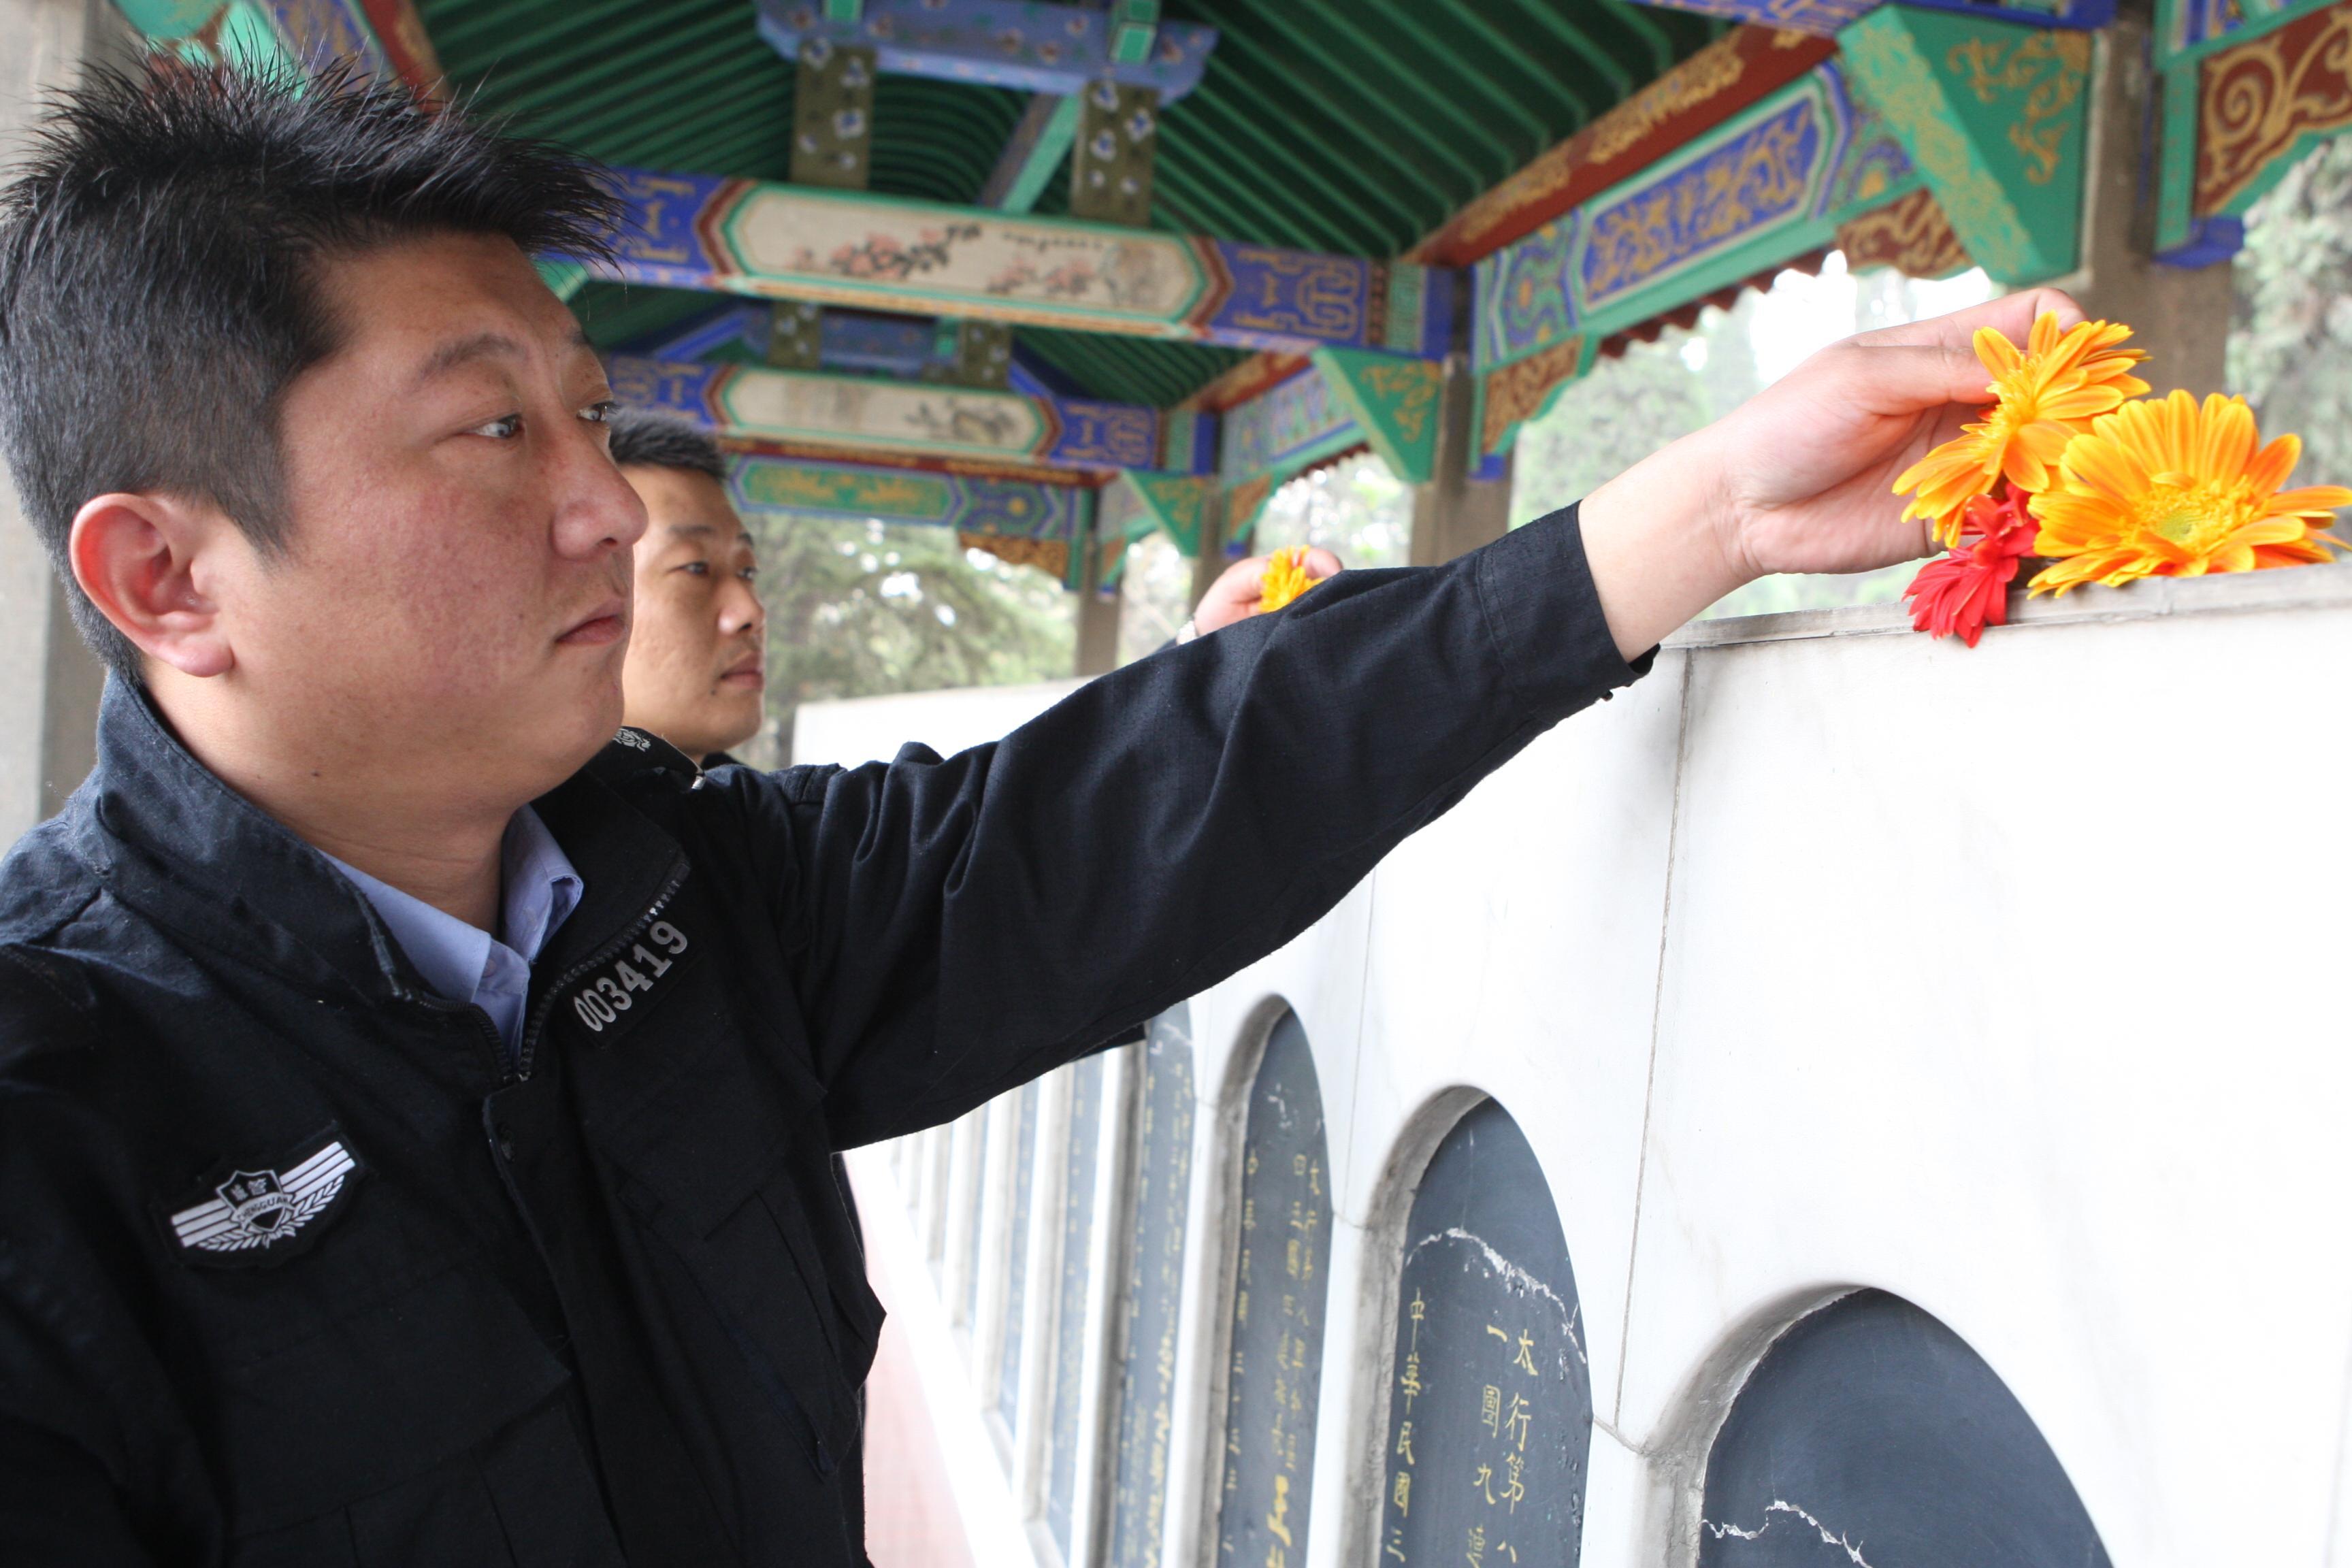 图片新闻:解放区清明节前夕社会各界人士祭奠先烈